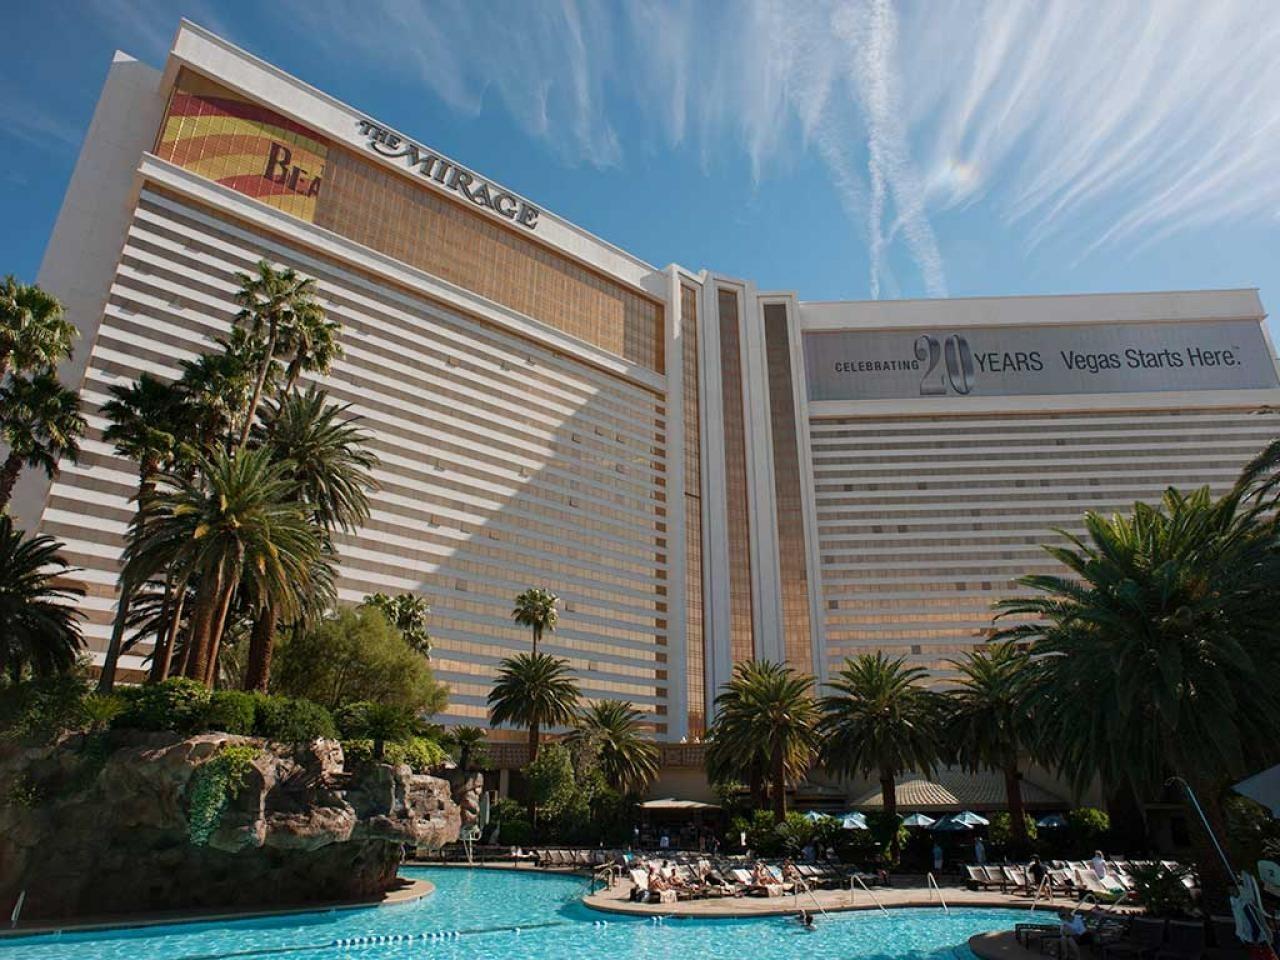 米高梅关闭拉斯维加斯所有赌场、酒店!美媒... -原PPTV聚力视频